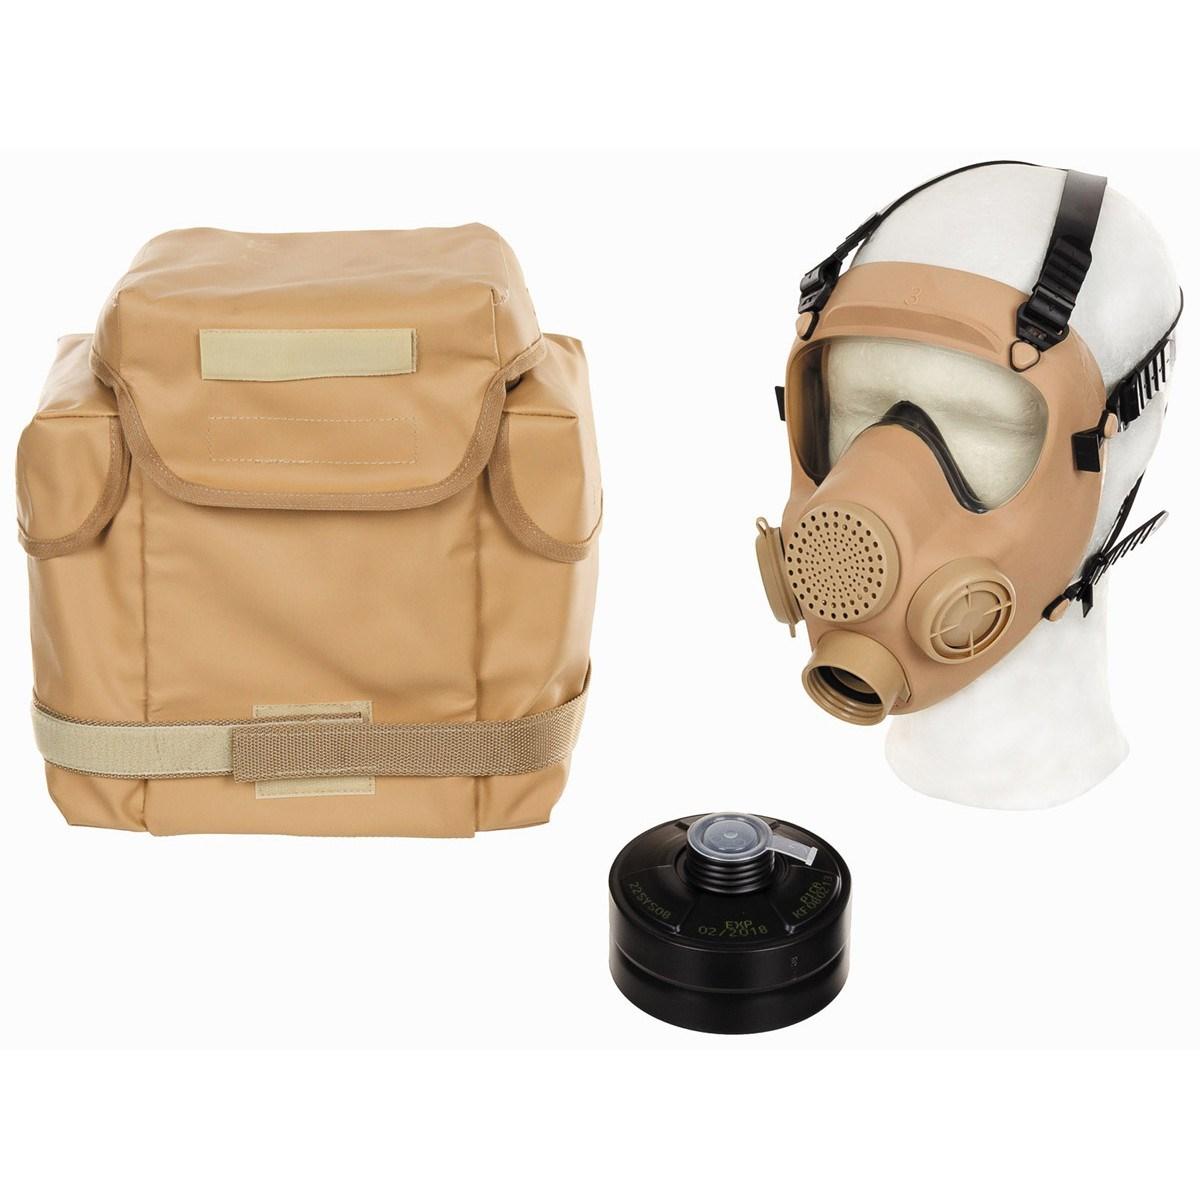 Maska polská MP5 kompletní s filtrem a brašnou DESERT